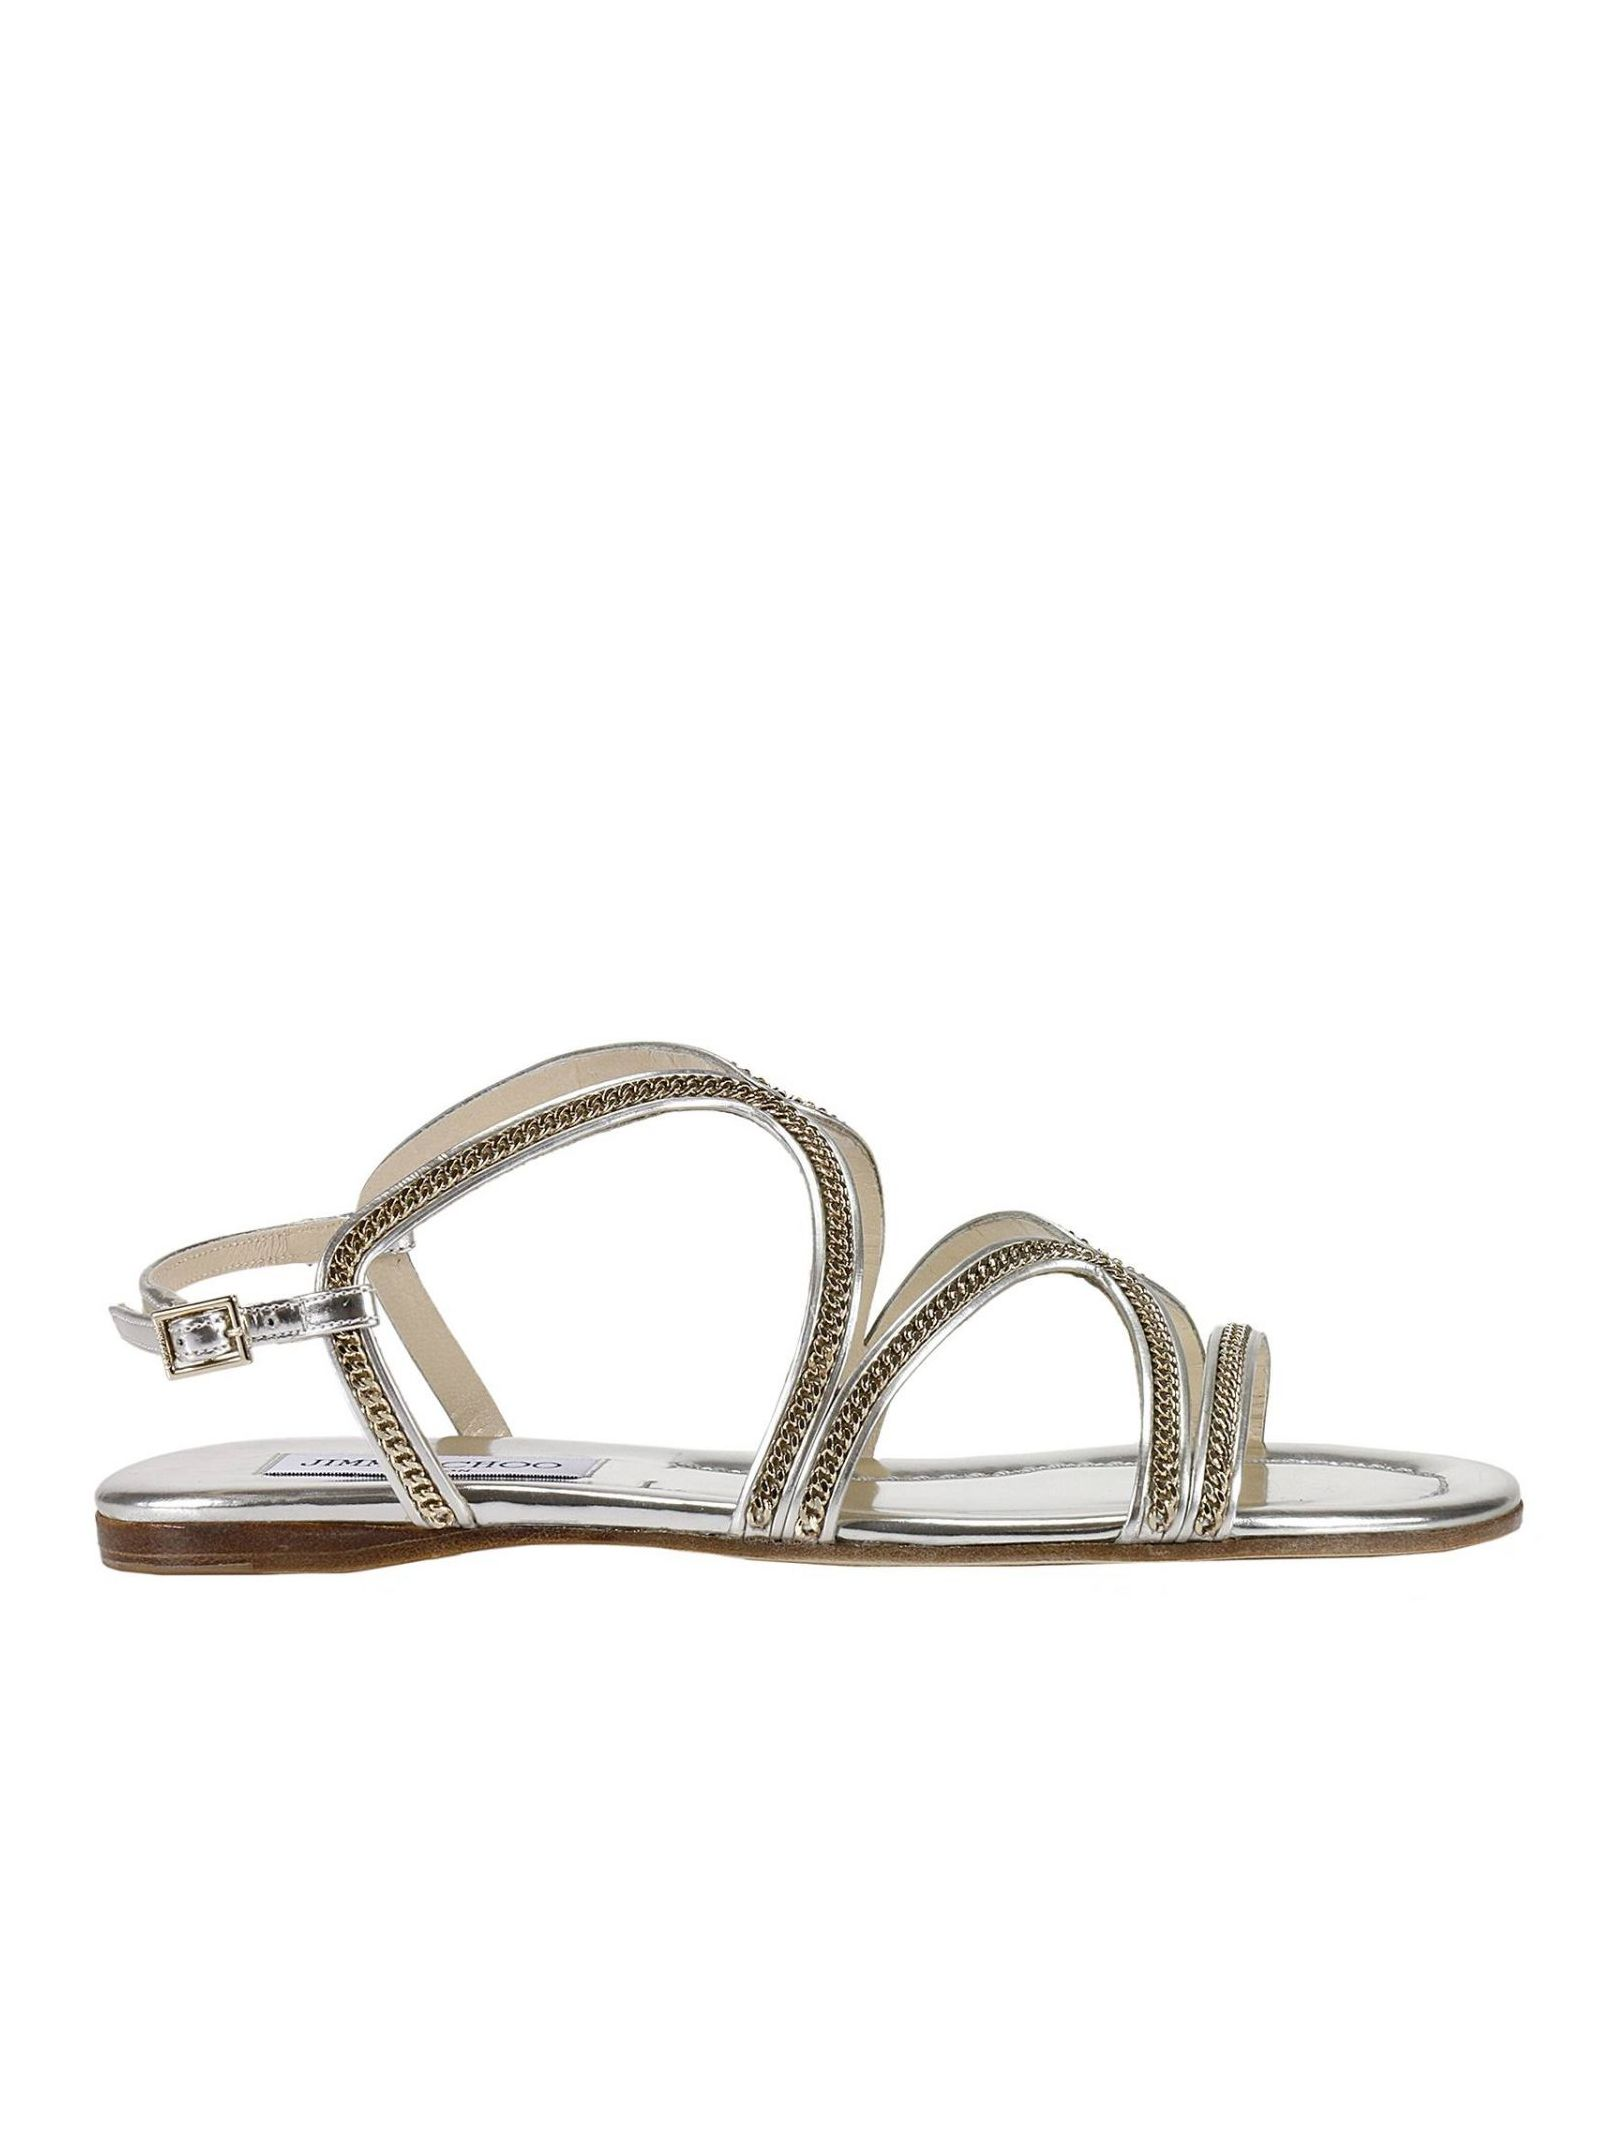 Flat Sandals Shoes Women Jimmy Choo